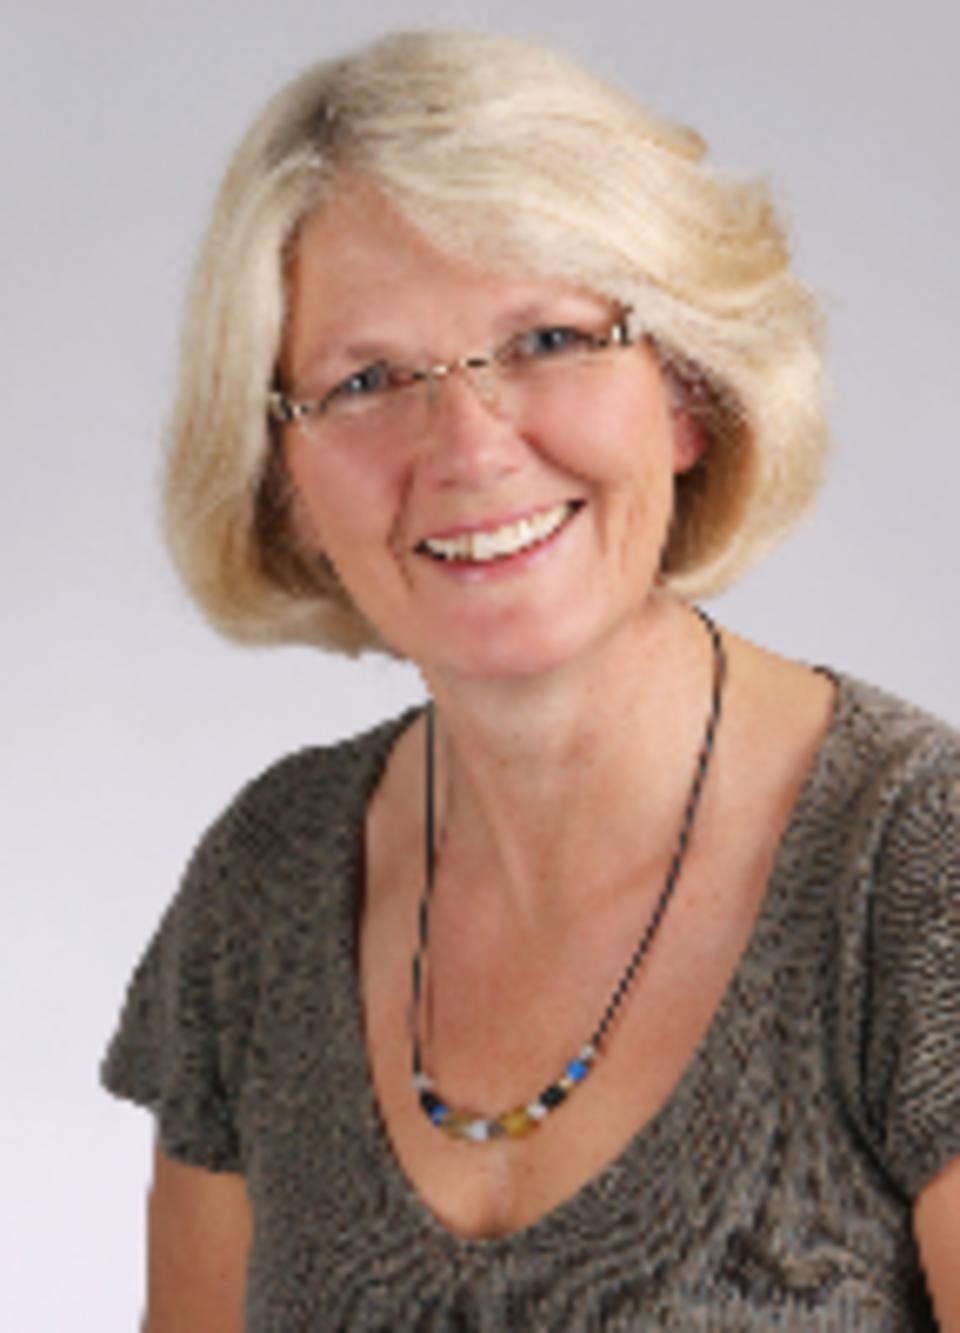 Christiane Glöckner